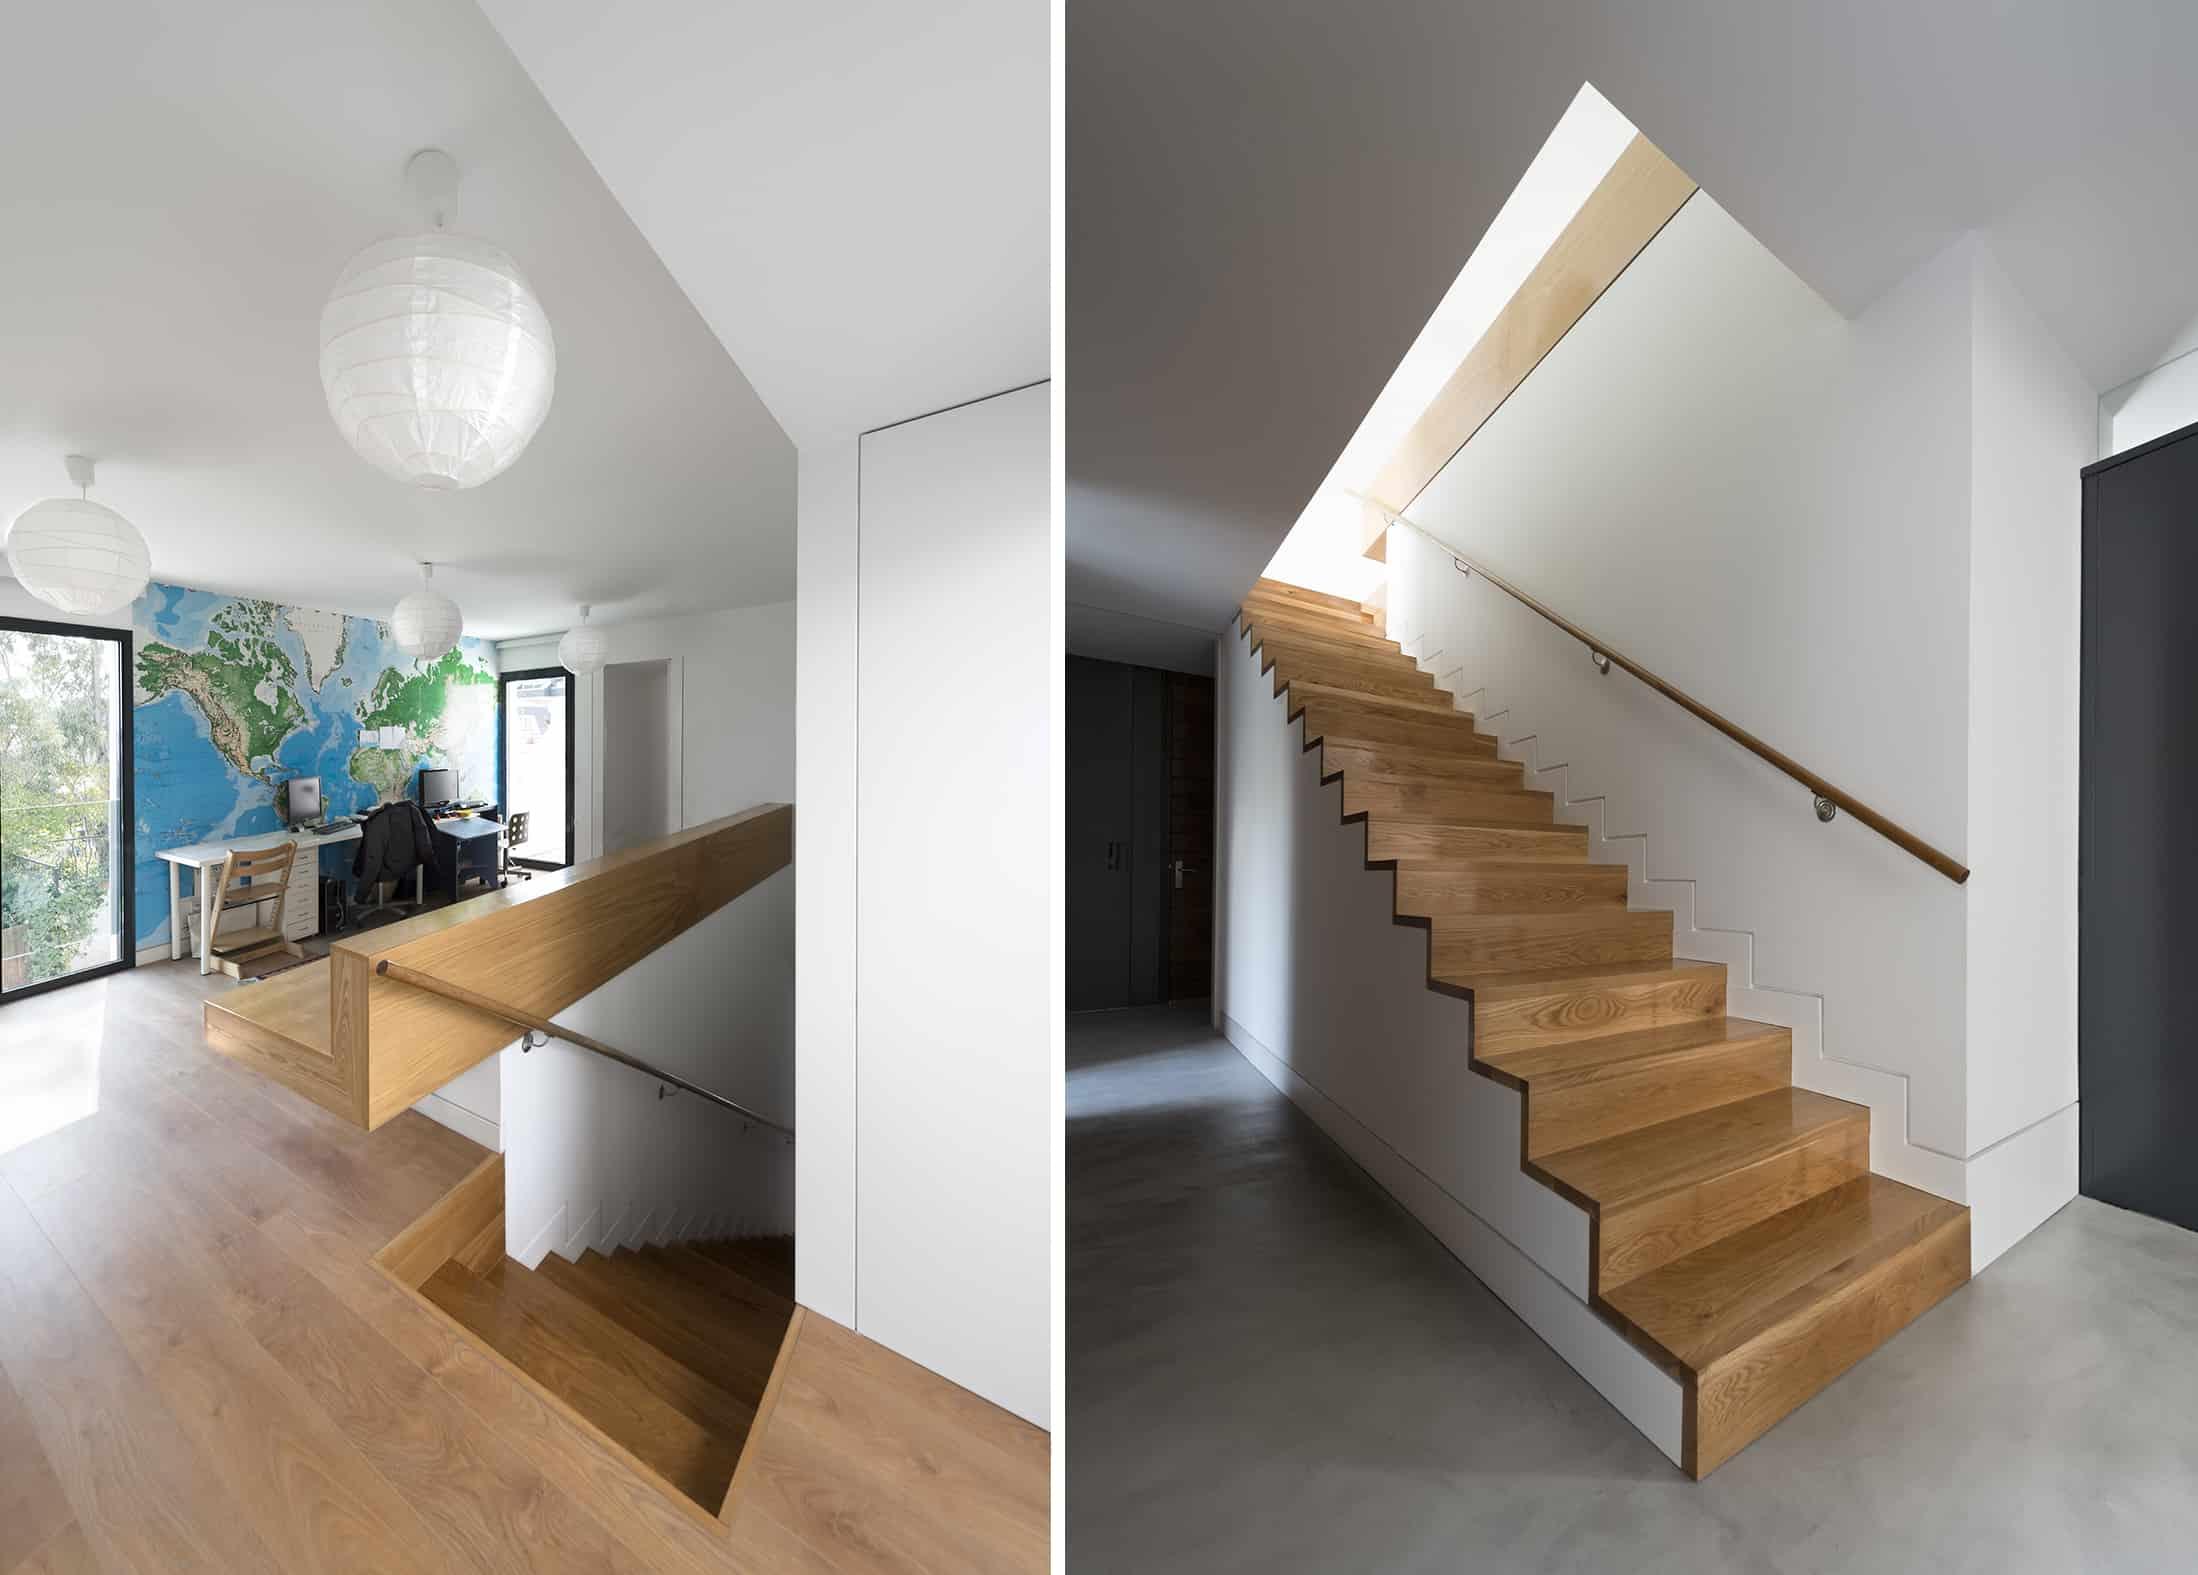 Vivienda_IA - interiorismo y escaleras - LANDINEZ+REY | equipo L2G arquitectos, slp [ eL2Gaa ]